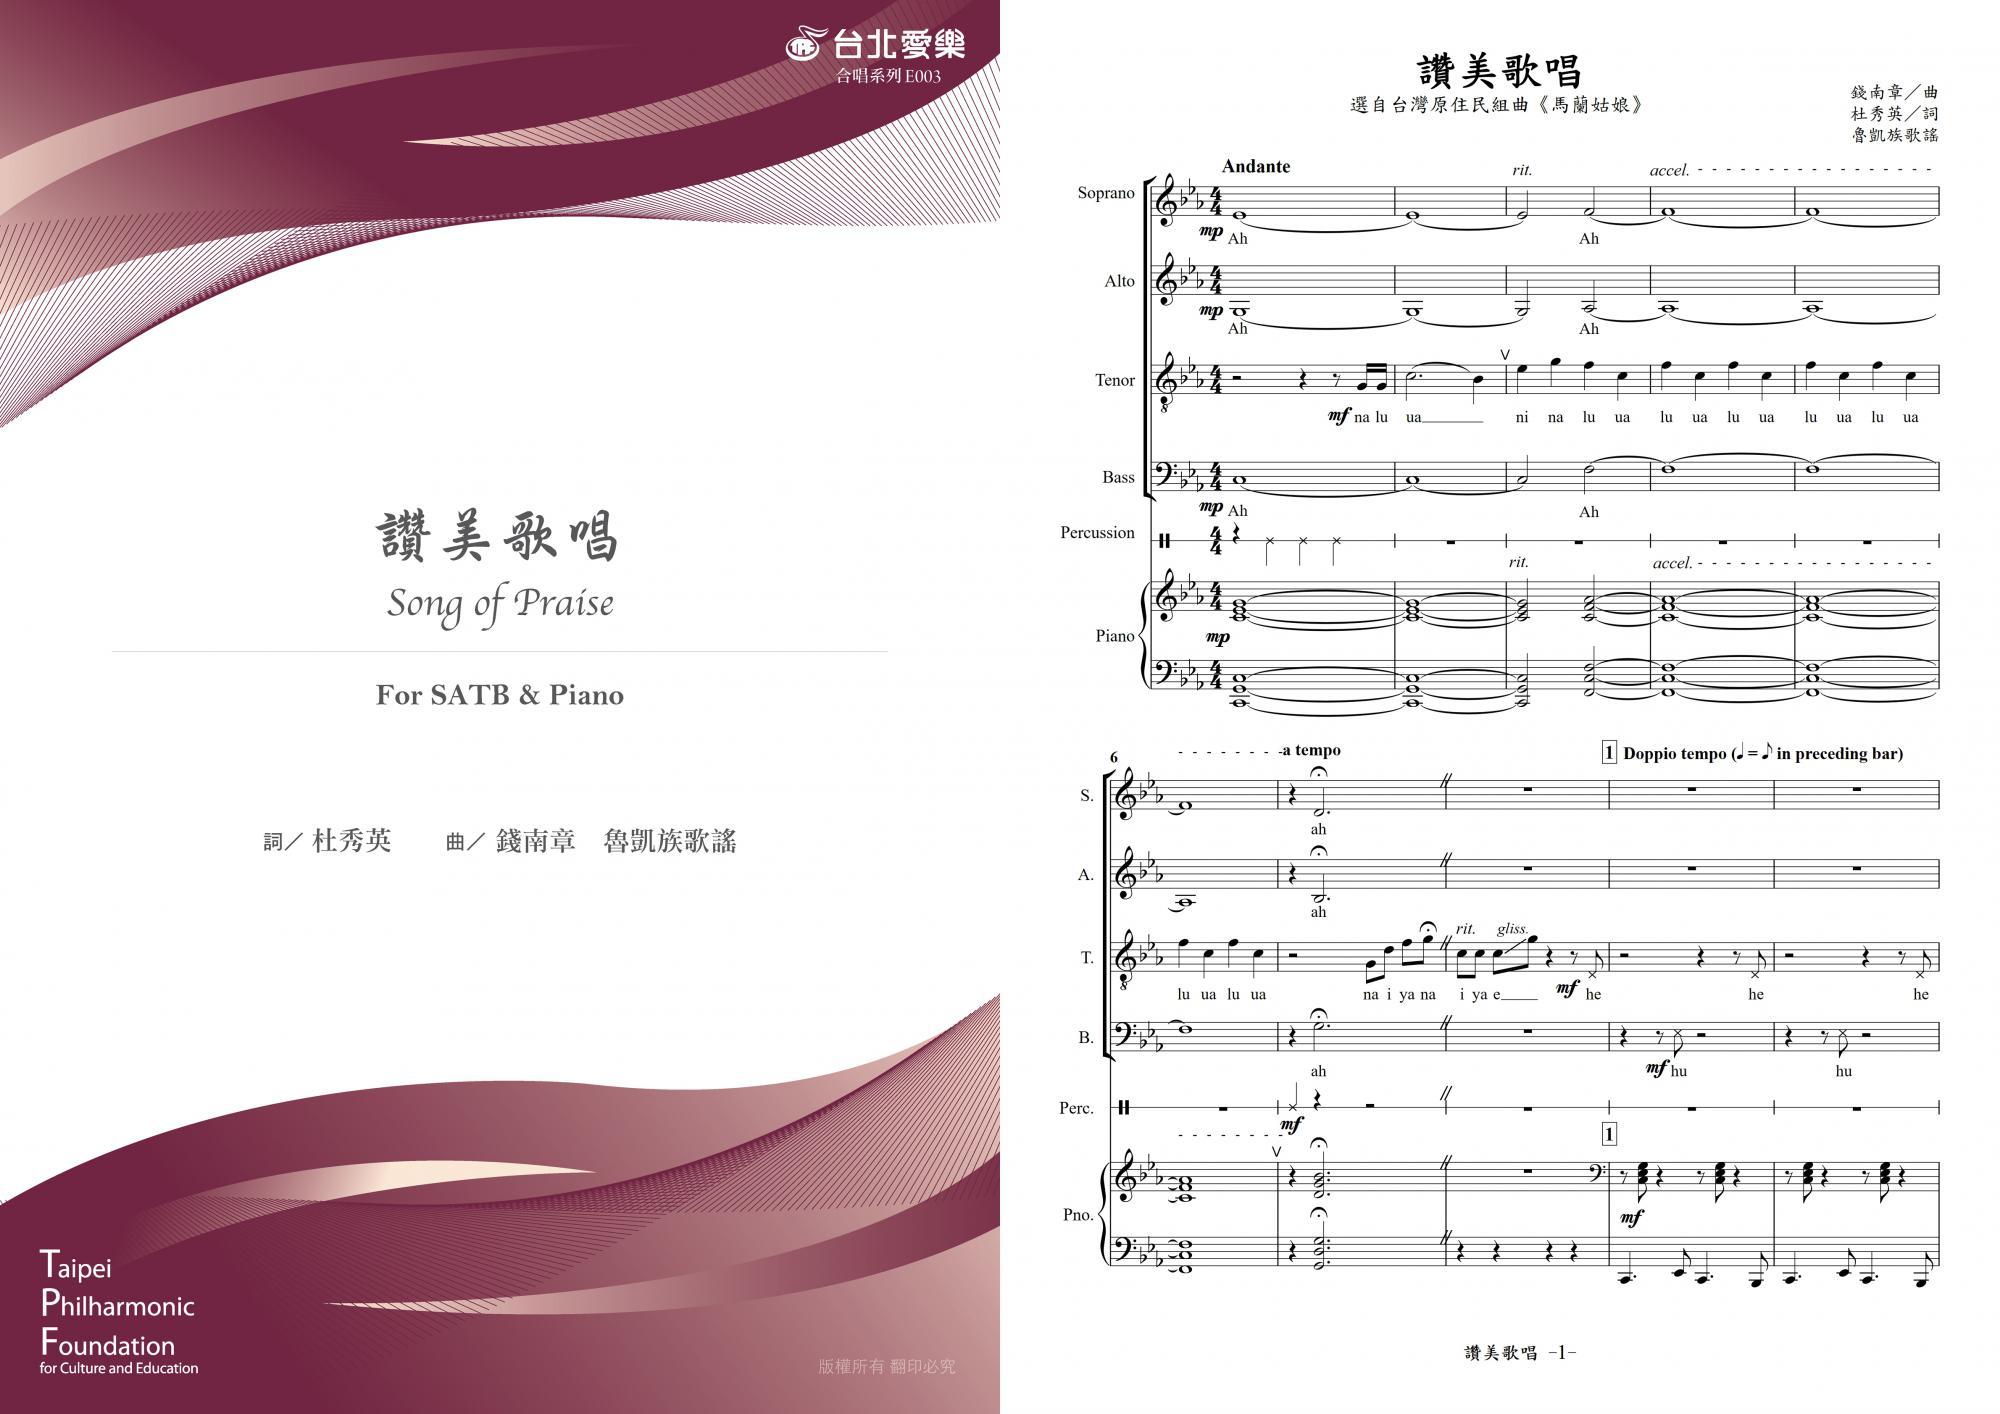 【錢南章《讚美歌唱》】For SATB & Piano